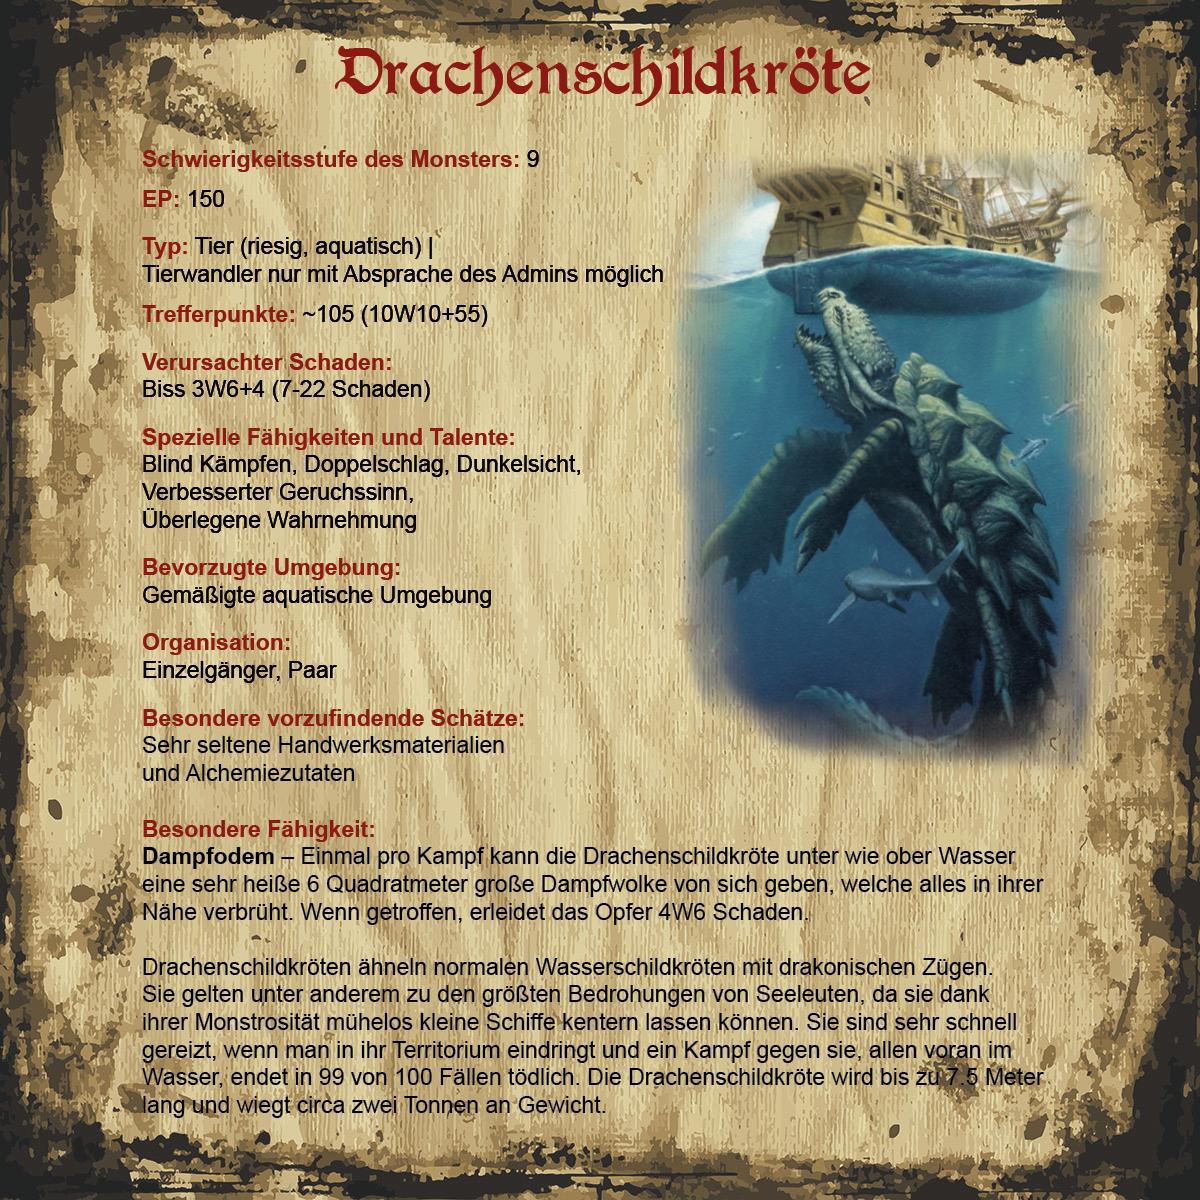 Drachenschildkröte   Revaria Wiki   FANDOM powered by Wikia